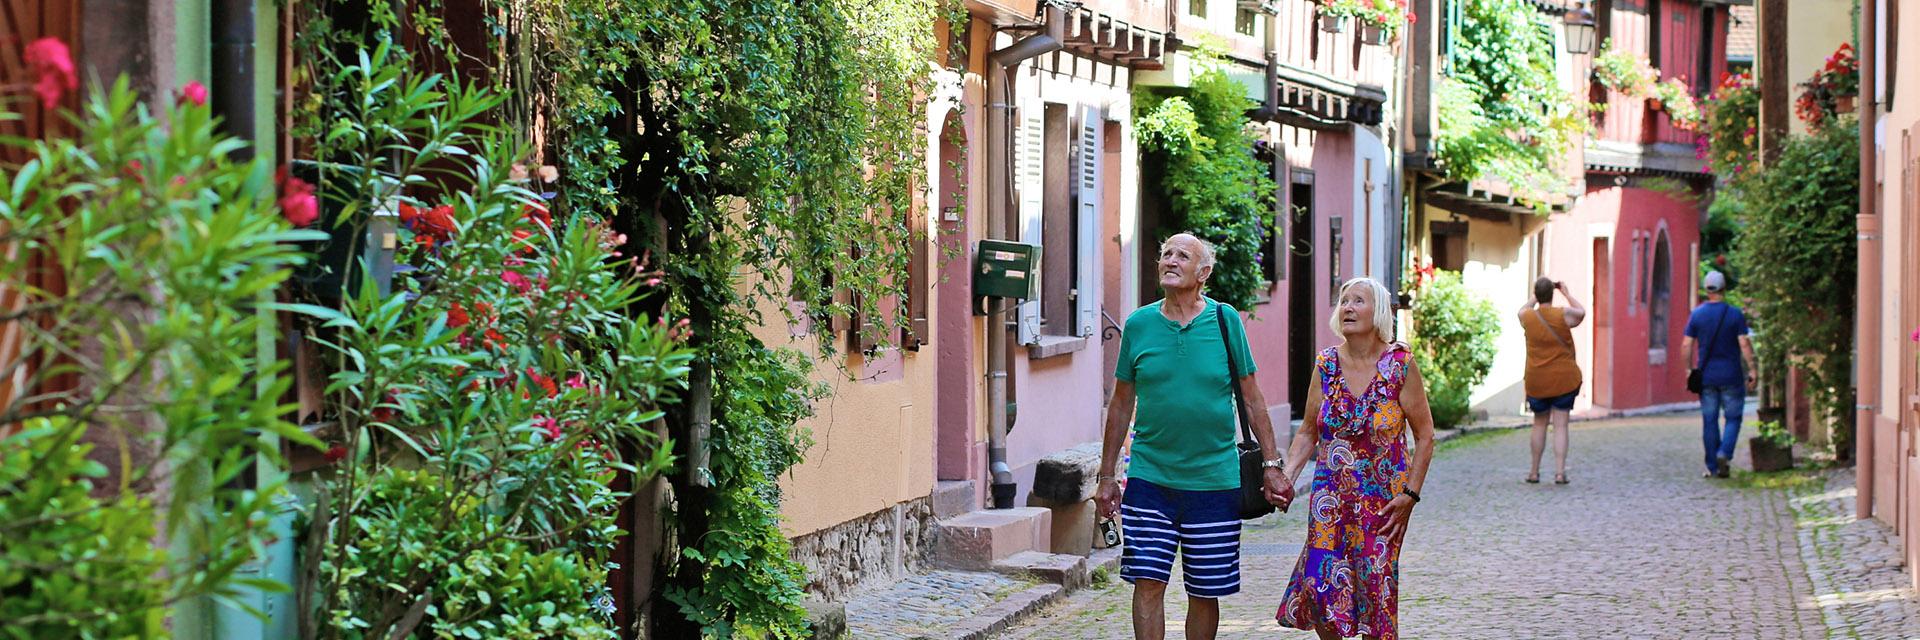 village-vacances-domaine-saint-jacques-promenade-alsase